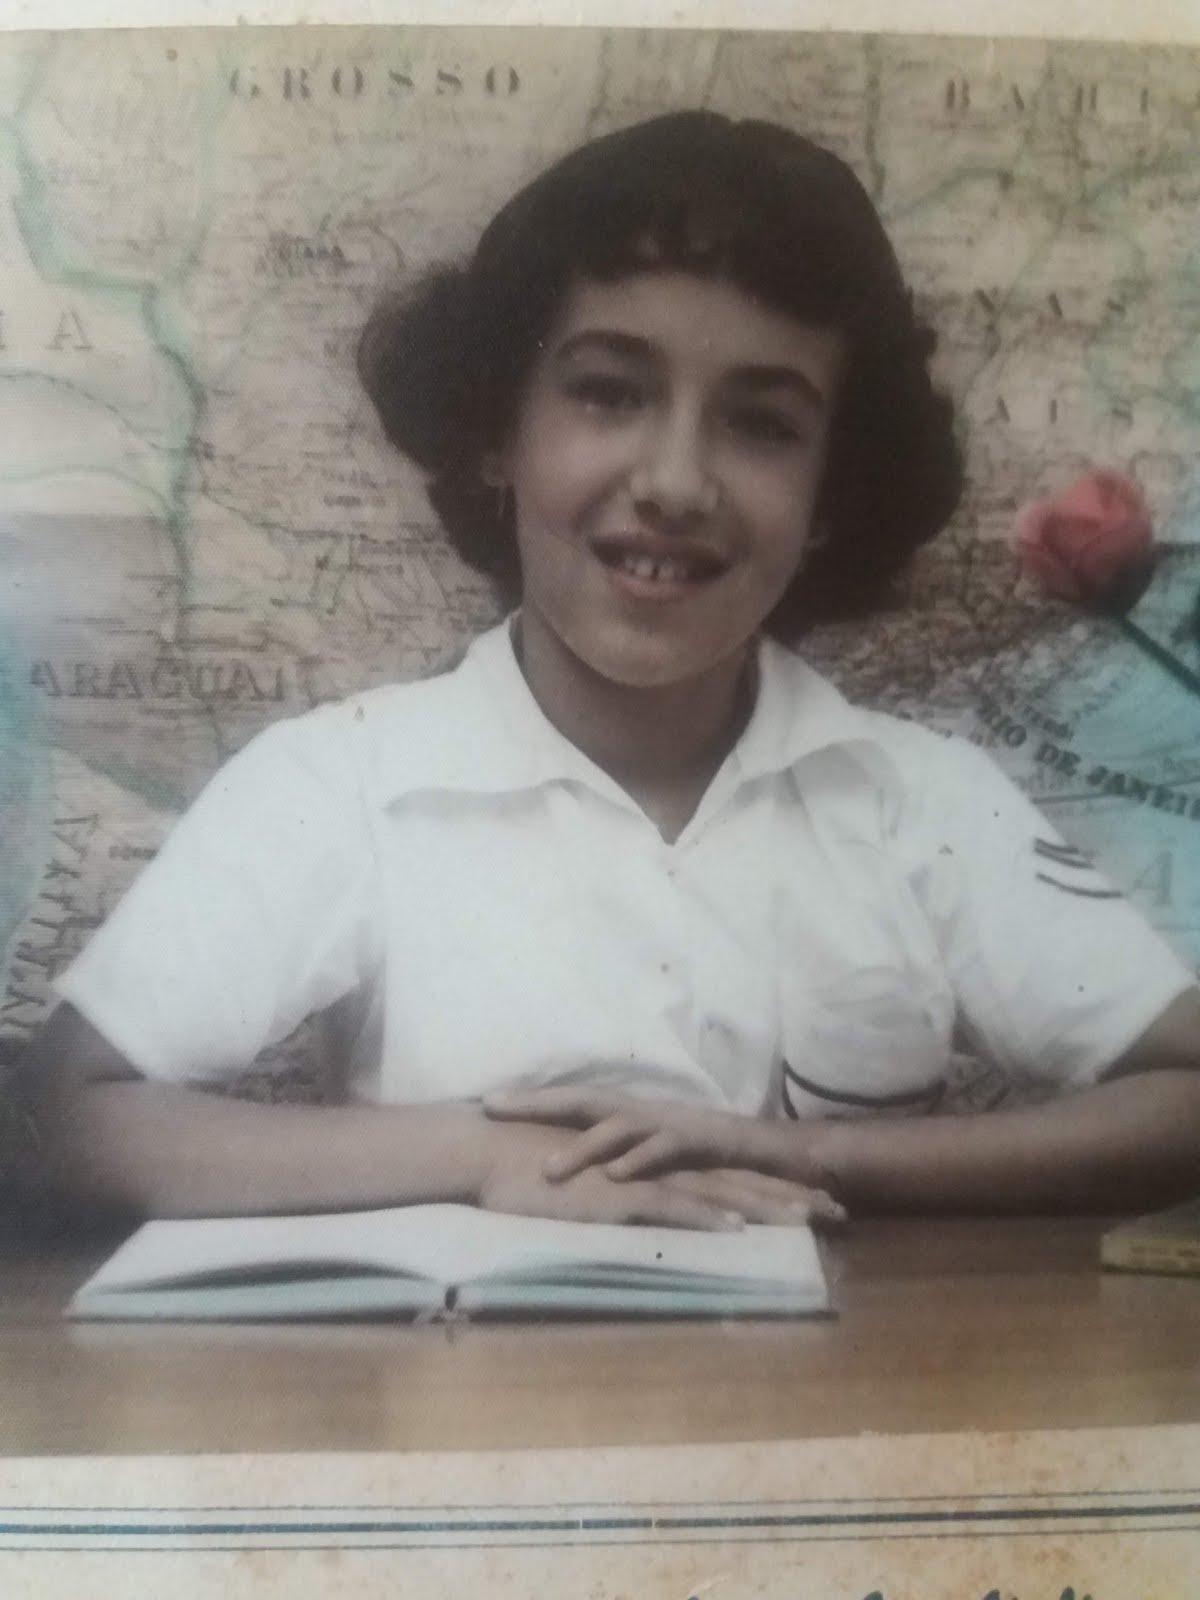 Já tive 7 anos